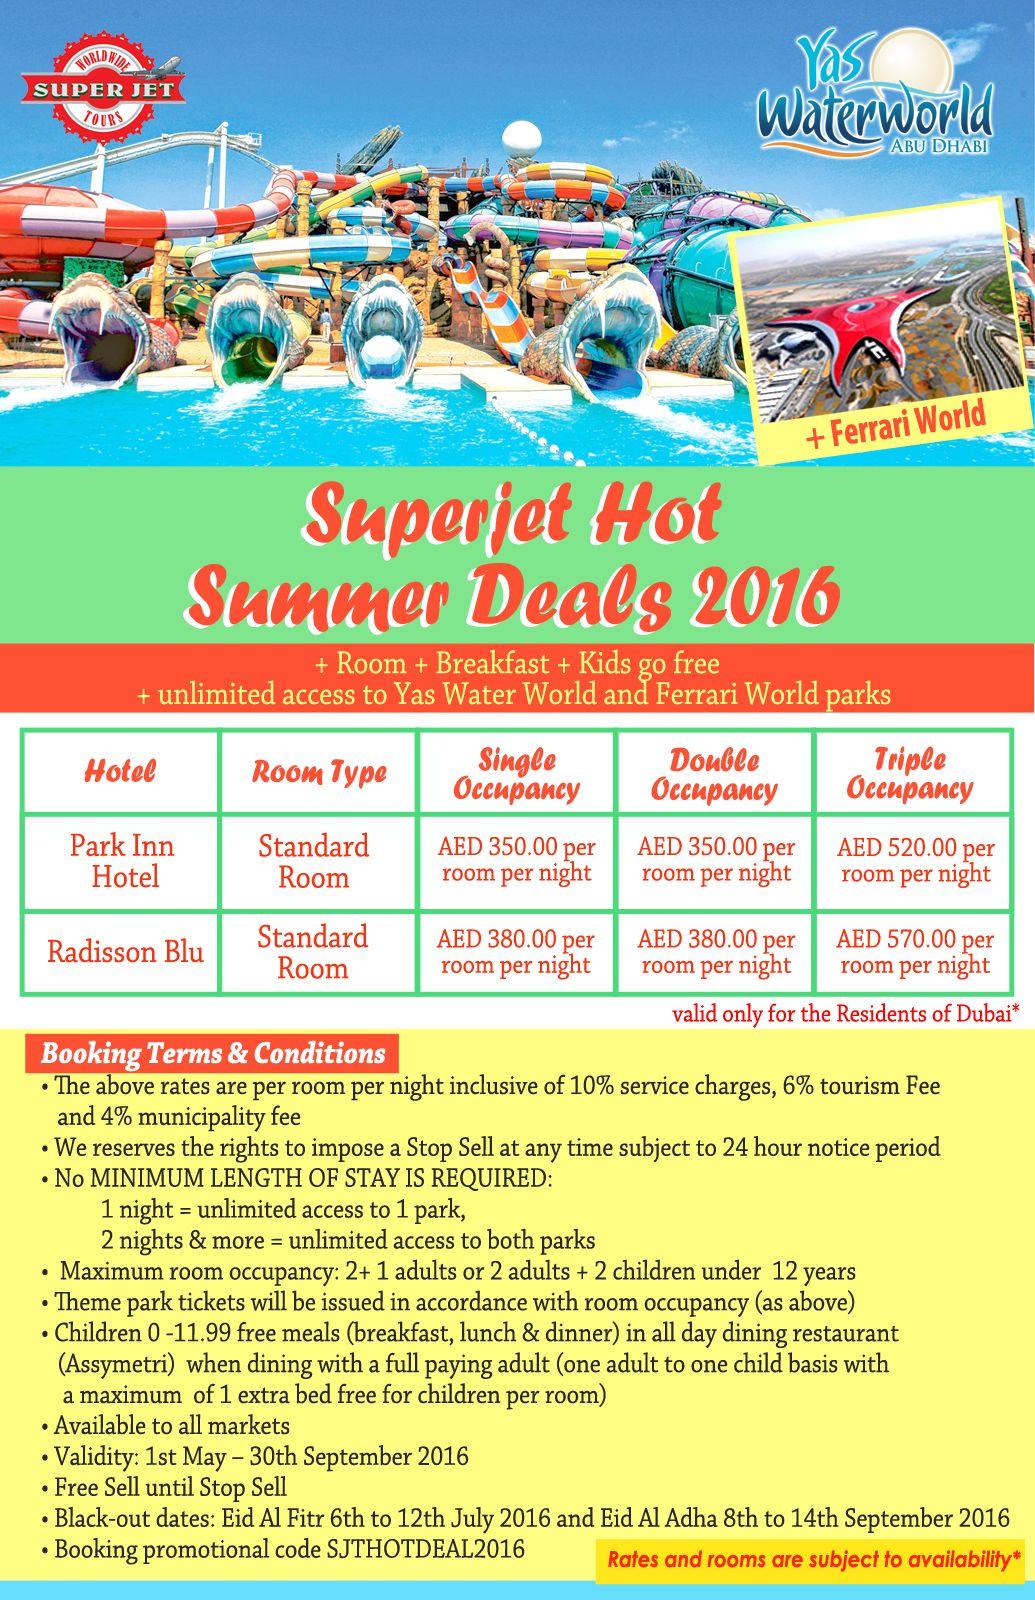 Enjoy Superjet Hot Summer Deals With Yas Water World And Ferrari World Free Tickets Dubai Yaswaterworld Ferrariwor Ferrari World Kids Go Free Summer Deals